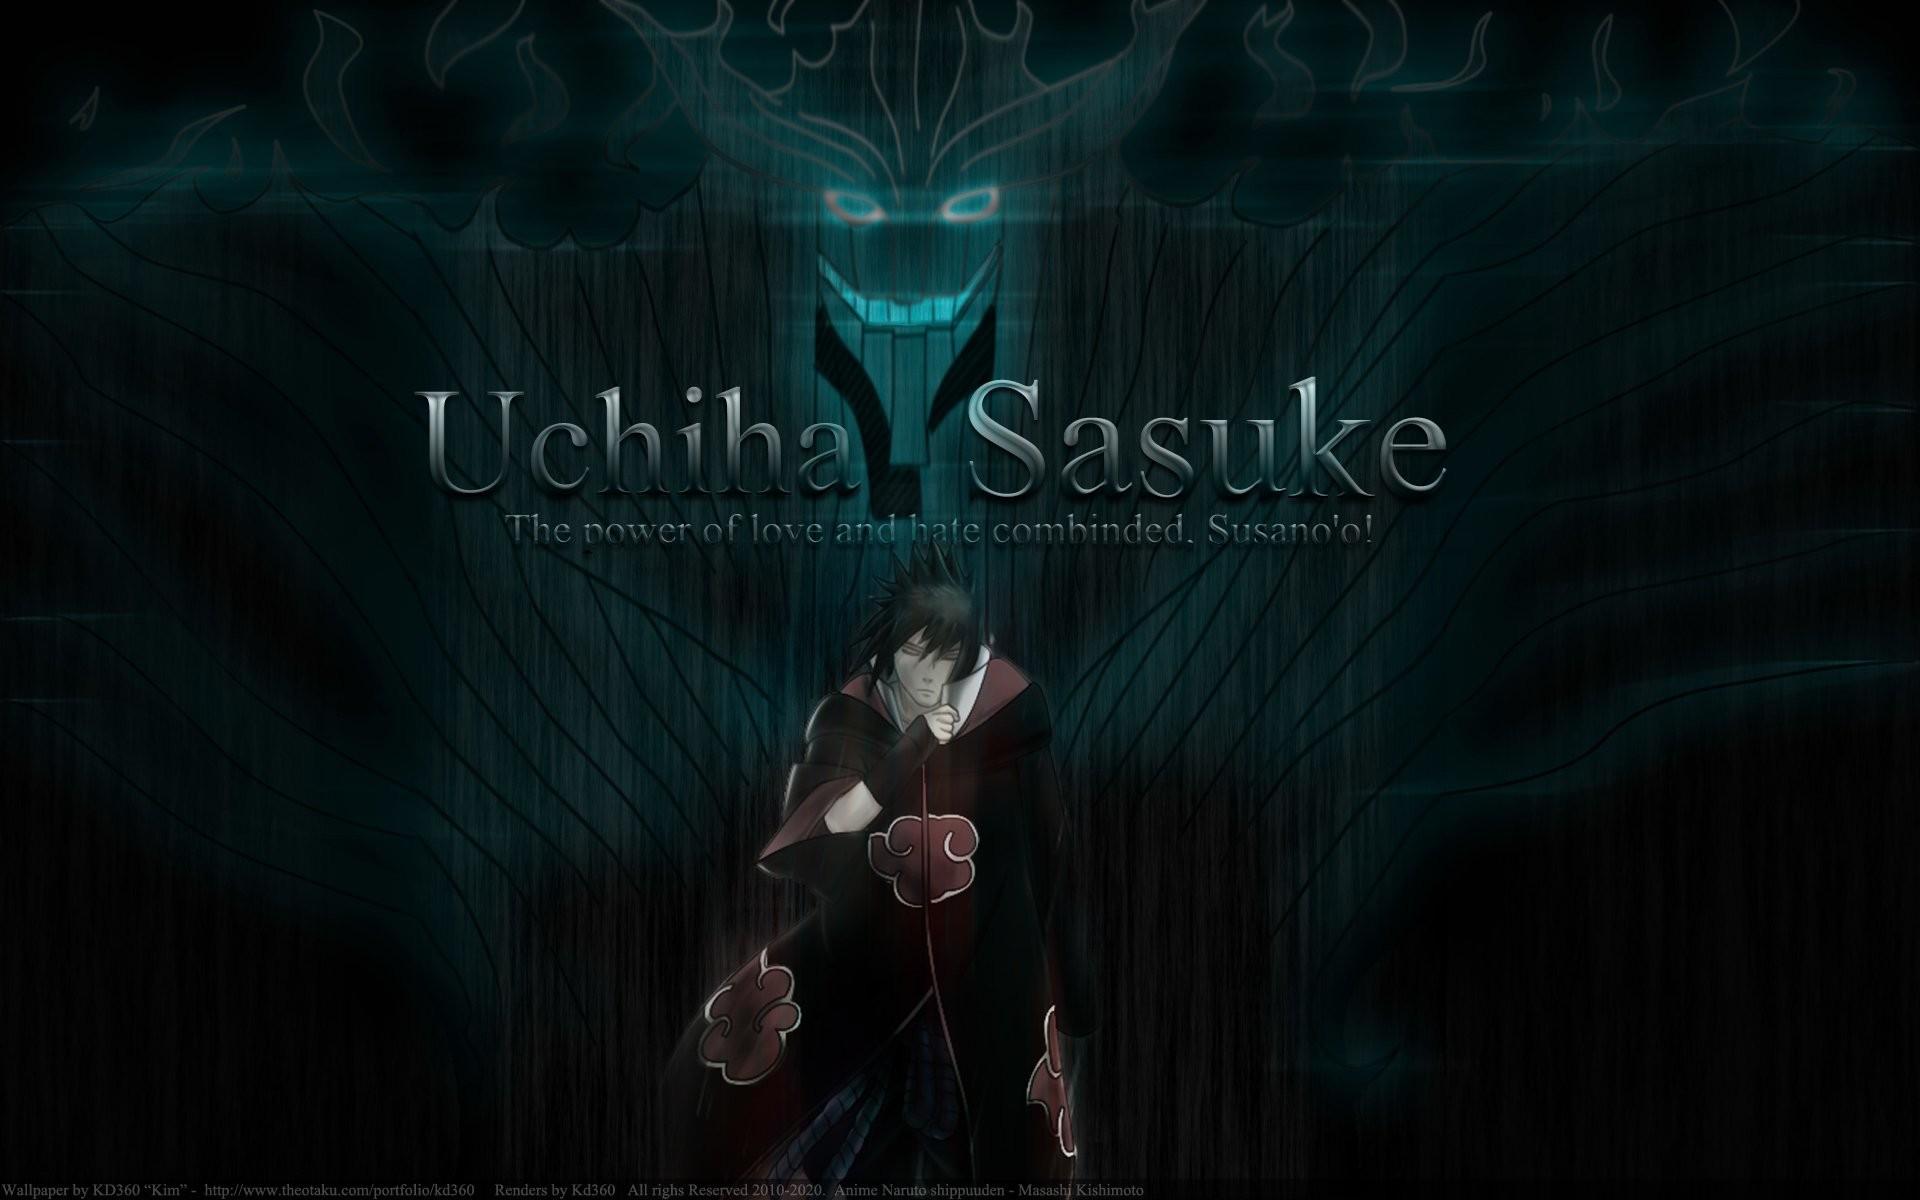 Madara Uchiha Naruto Shisui Susanoo · HD Wallpaper | Background ID:106942